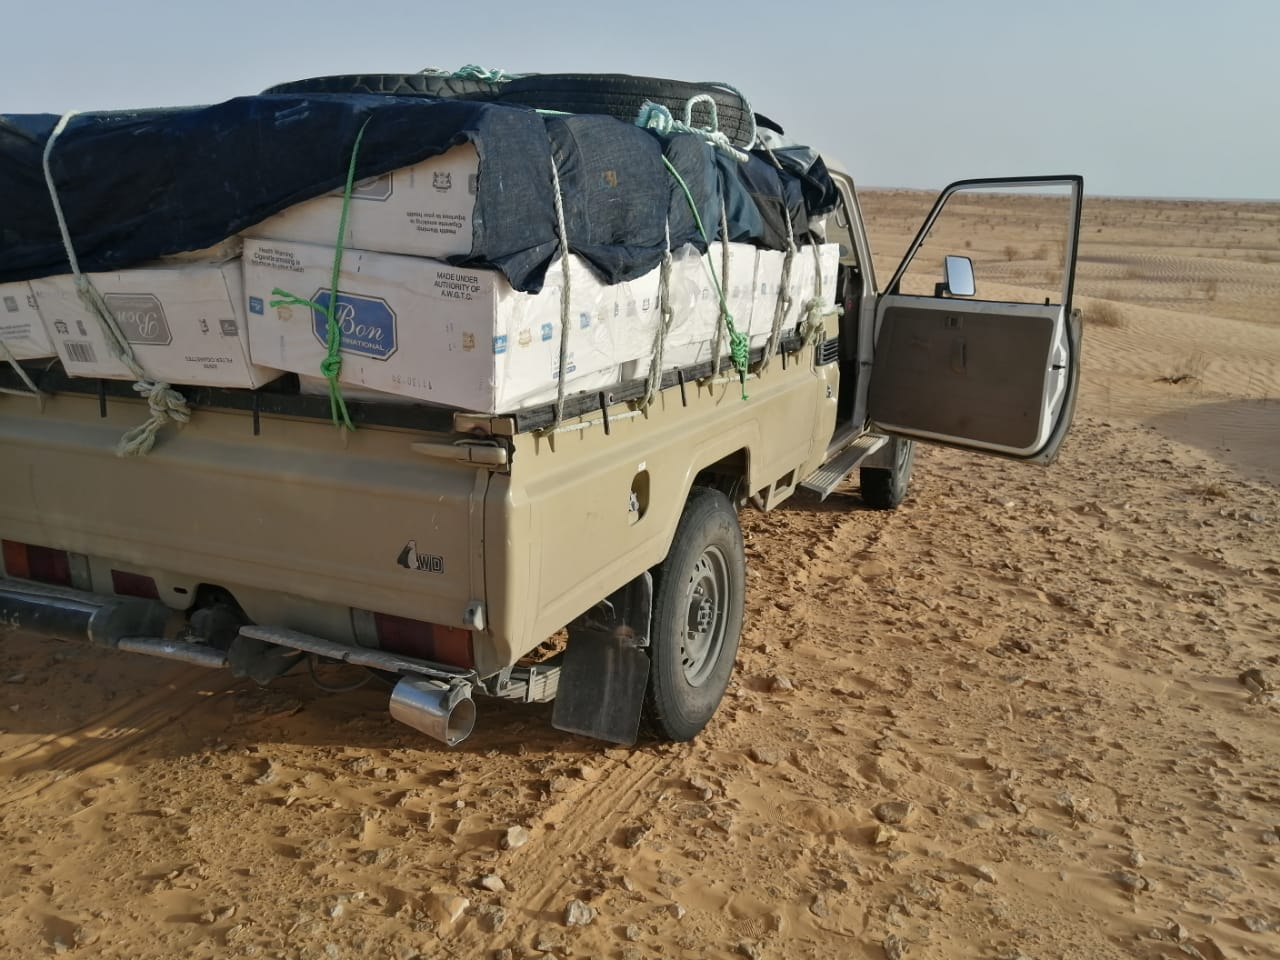 مصالح الحرس الديواني بكل من تطاوين والفحص تحجز 45500 علبة سجائر مهربة: